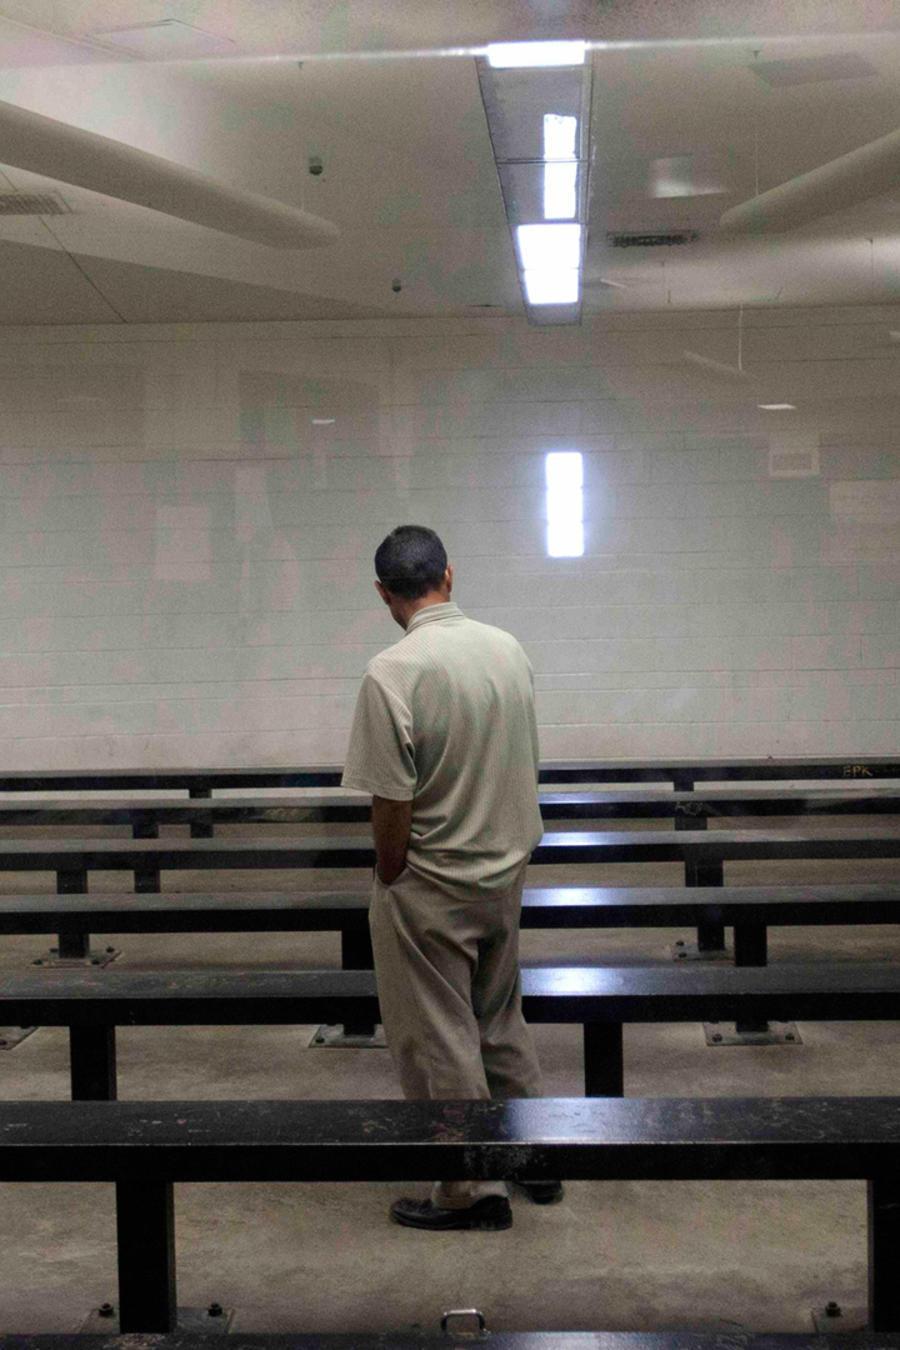 Un inmigrante indocumentado en un centro de detención en California